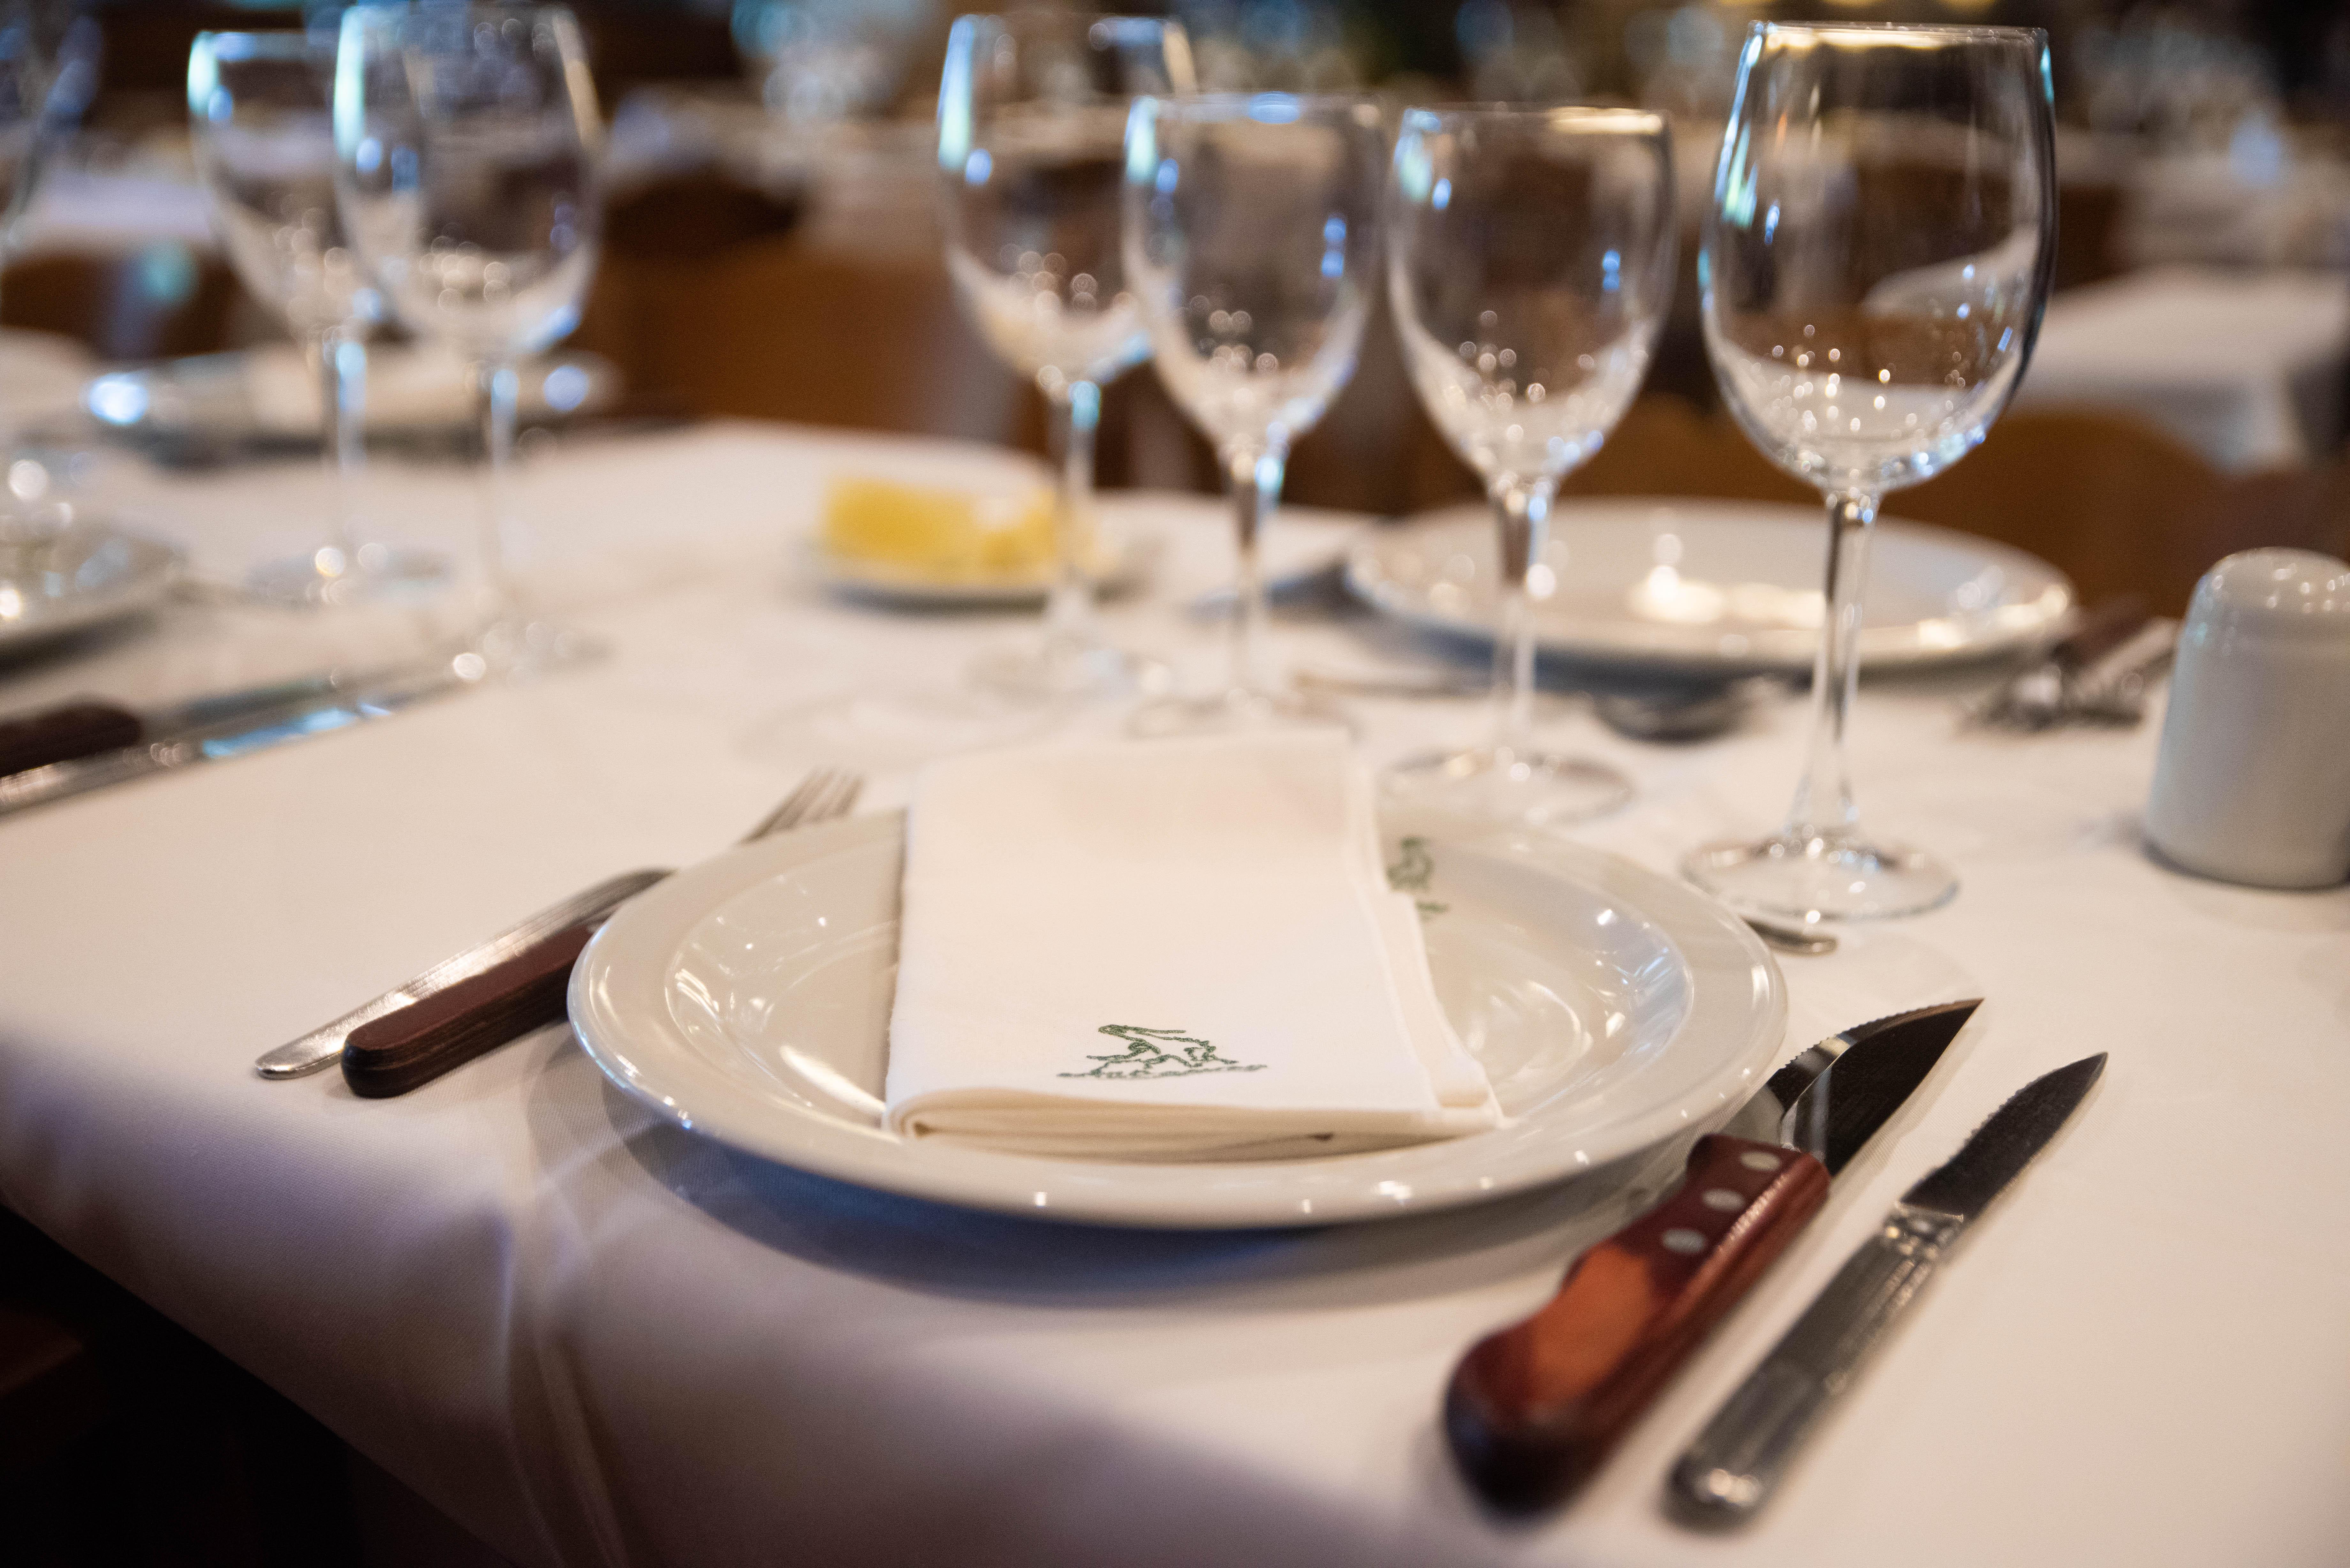 En la mesa, la vajilla siempre es doble. Los cubiertos que sirven están para cortar las achuras y los cubiertos más filosos para cortar las carnes